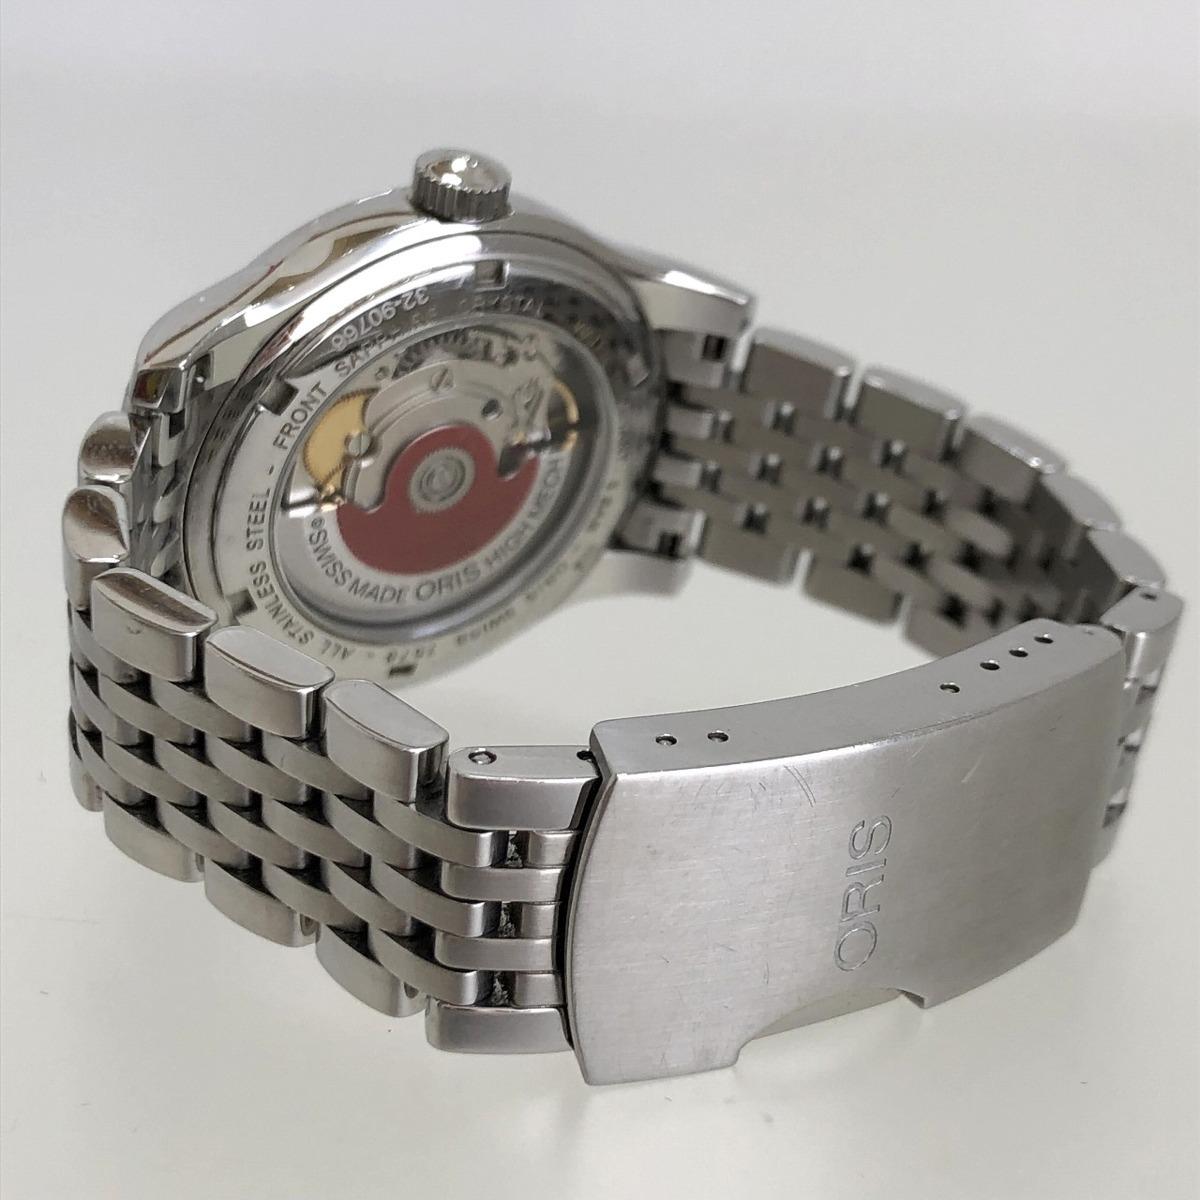 定価15.3万円 美品 ORIS オリス クラシックデイト 自動巻き 腕時計 733 7578 4034M 裏スケ 黒文字盤 メンズ 質屋の質セブン_画像8